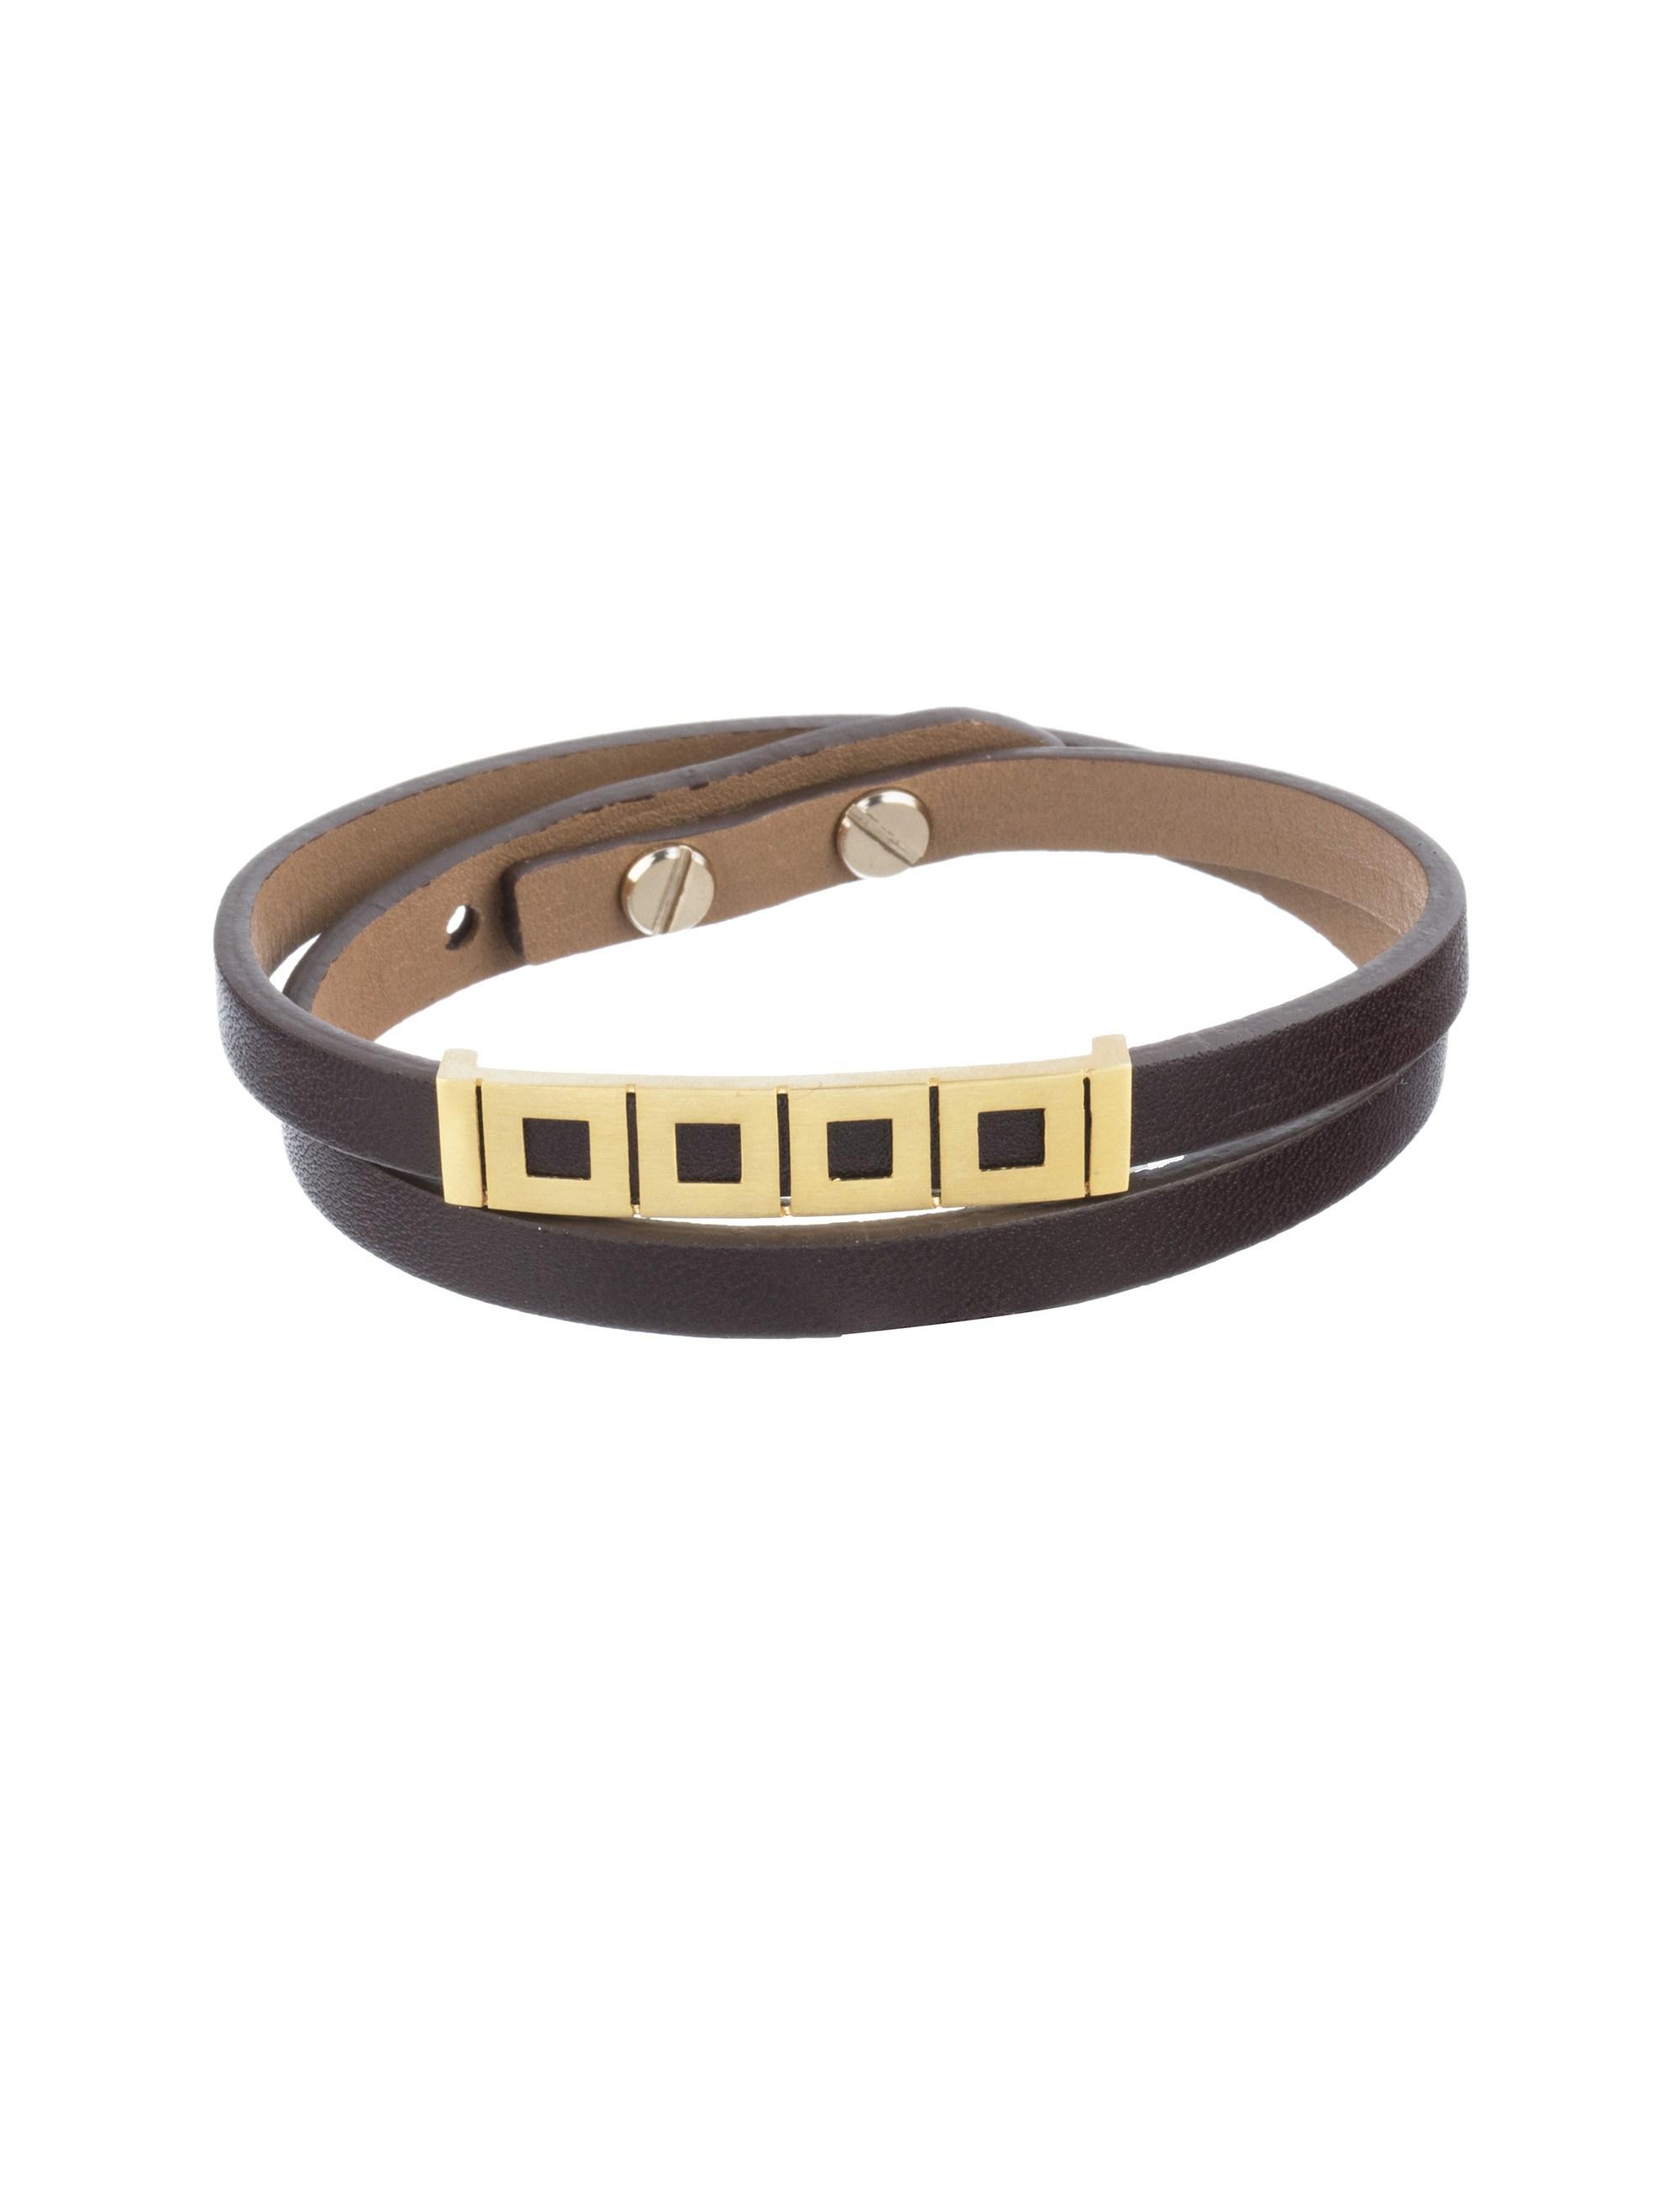 دستبند طلا زنانه - تاج درسا